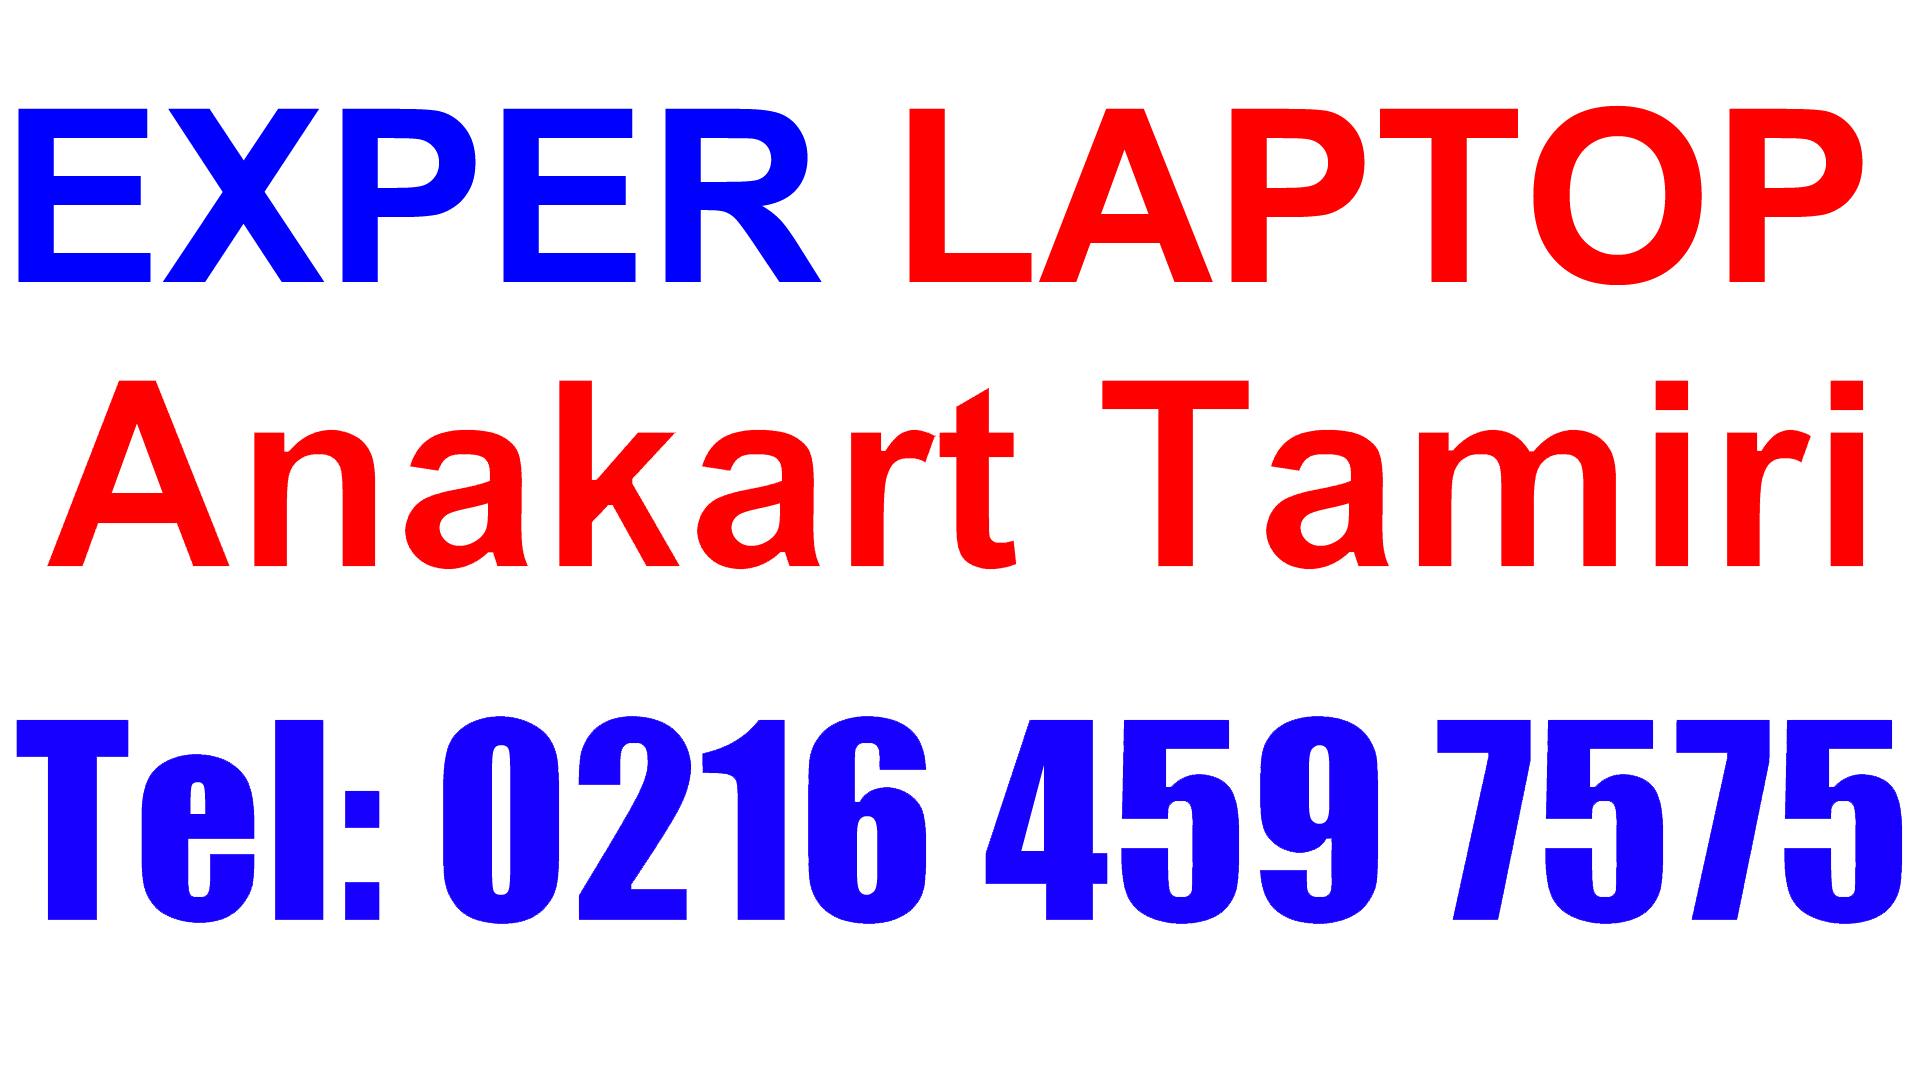 Exper Laptop Anakart Tamiri ve Değişimi